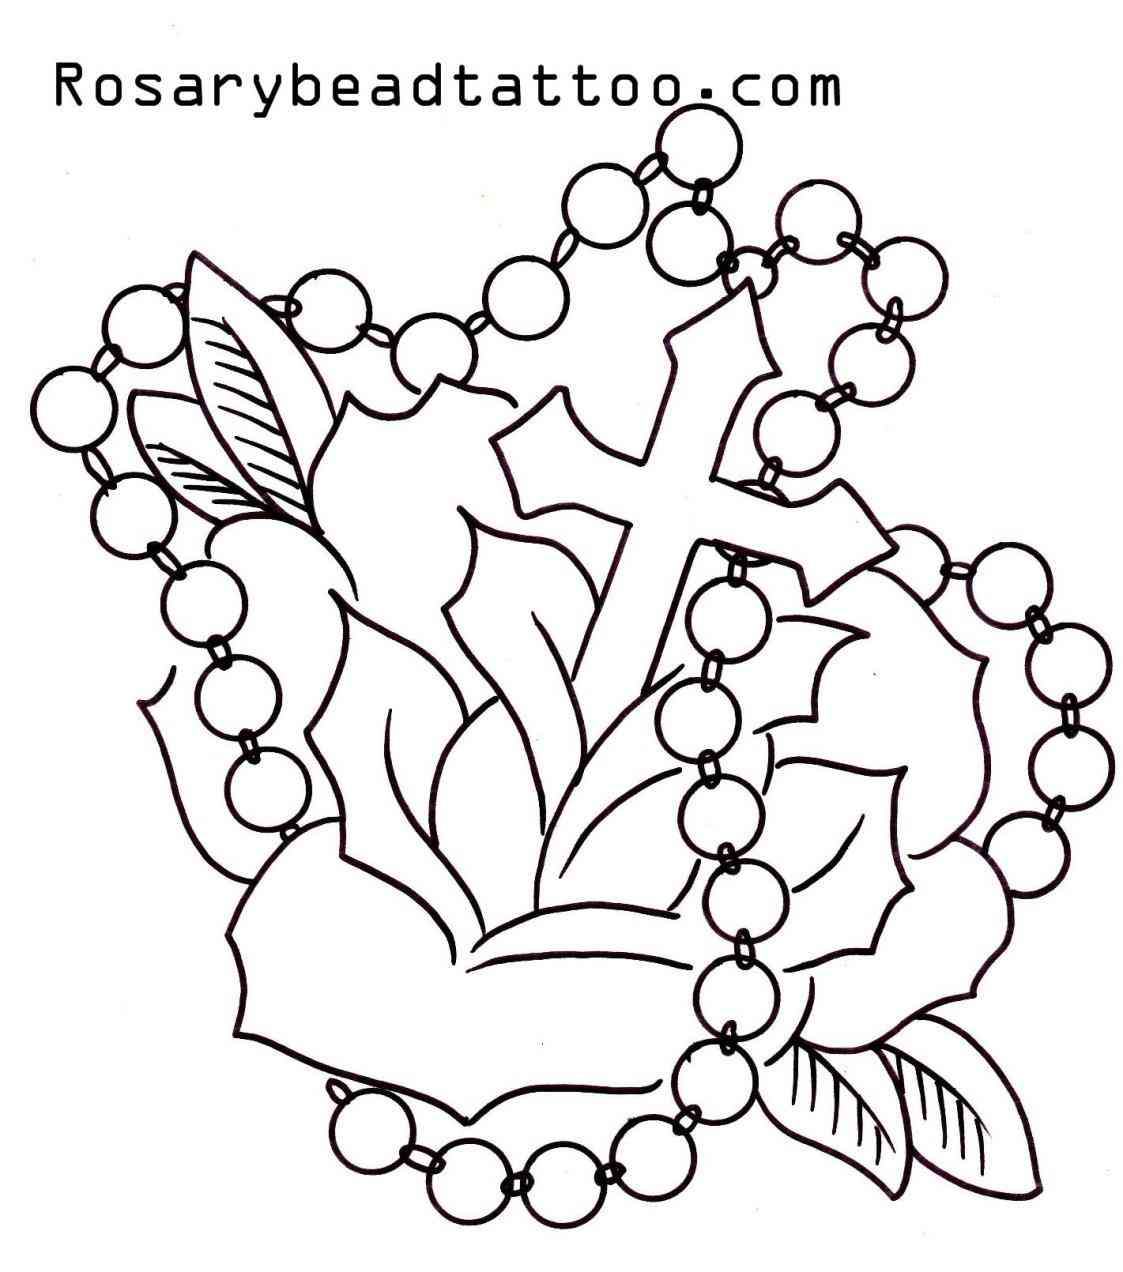 Rosary bead drawing